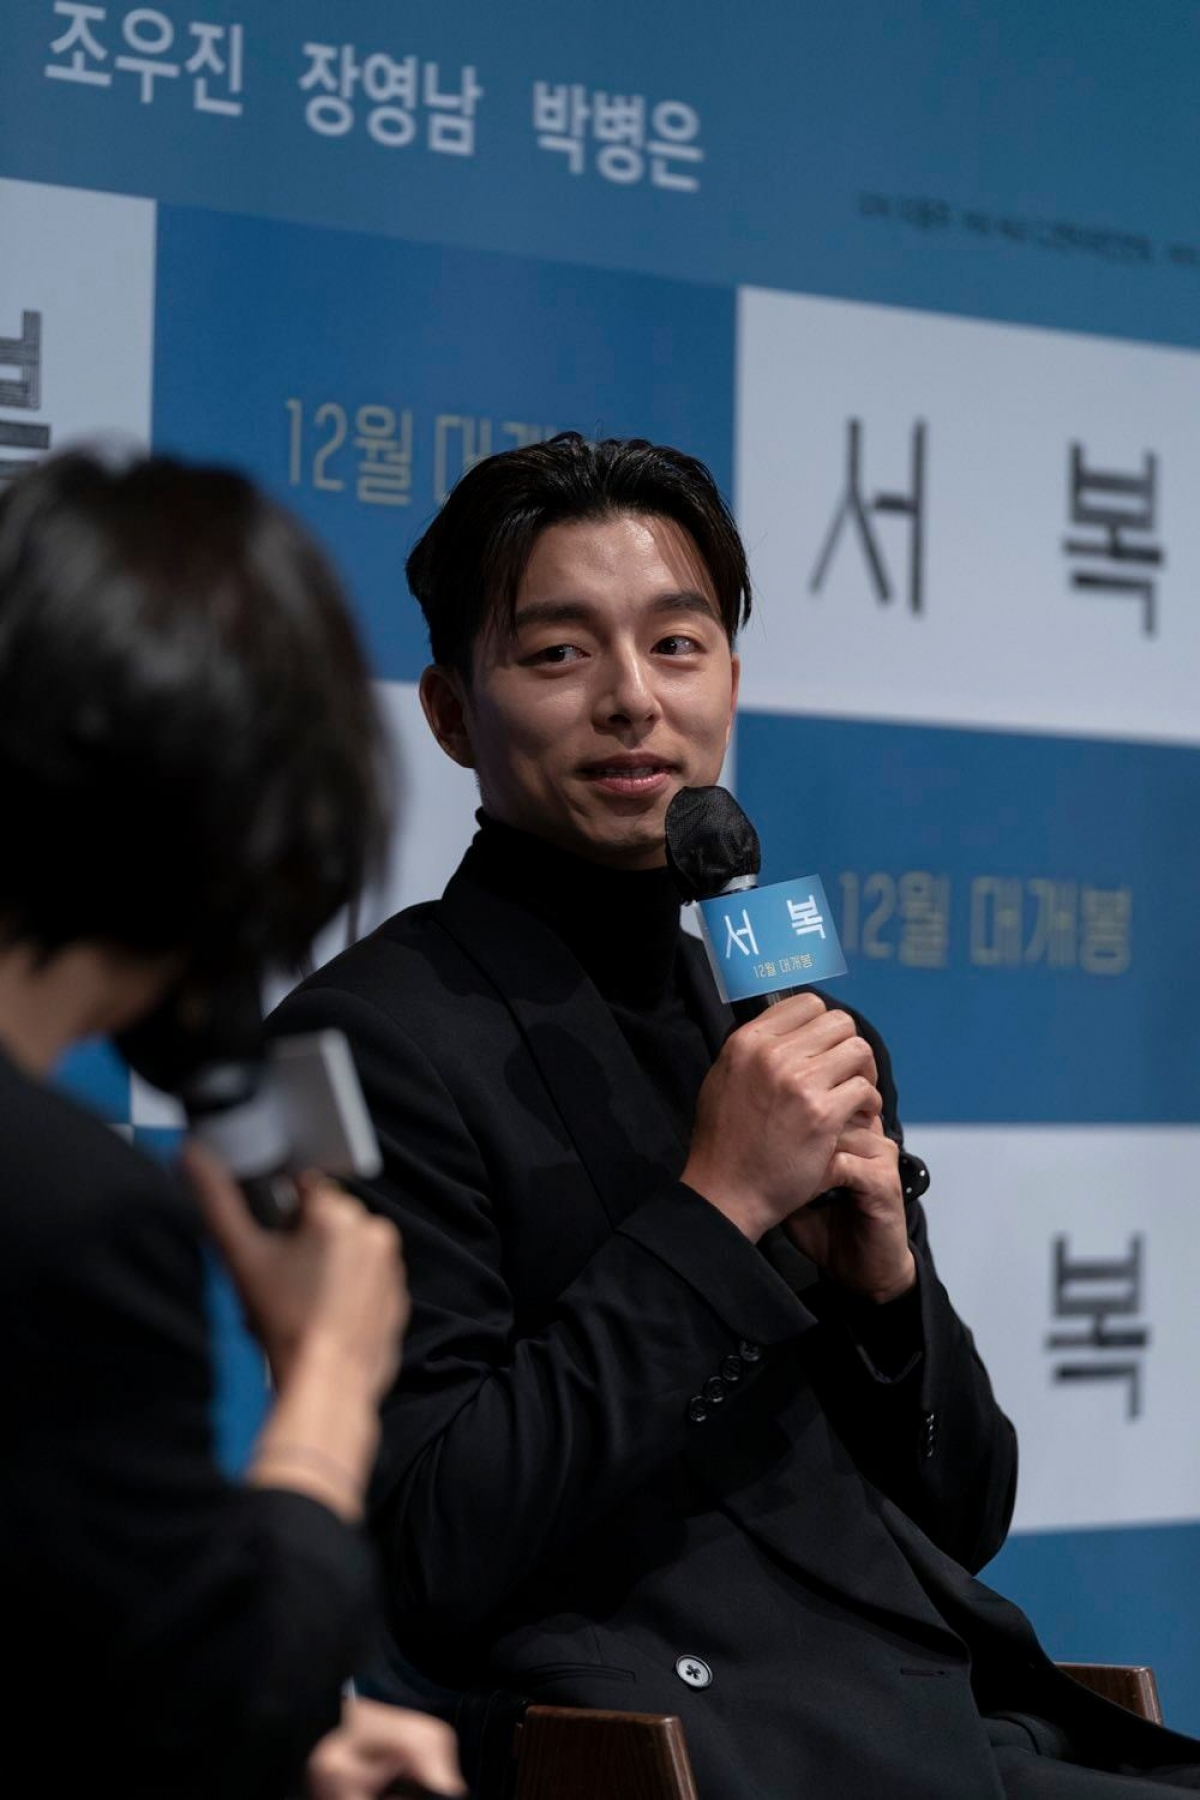 """""""Seo Bok"""" bắt đầu quay vào tháng 5 năm ngoái, thuộc thể loại khoa học viễn tưởng.Trong phim, Gong Yoo sẽ thủ vai cựu đặc vụ tình báo Ki Heon,người sẽ thực hiện nhiệm vụ cuối cùng là bảo vệ """"Seo Bok"""", người nhân bản đầu tiêndo Park Bo Gum thủ vai trước sự truy đuổi gắt gao của những thế lực đen tối."""